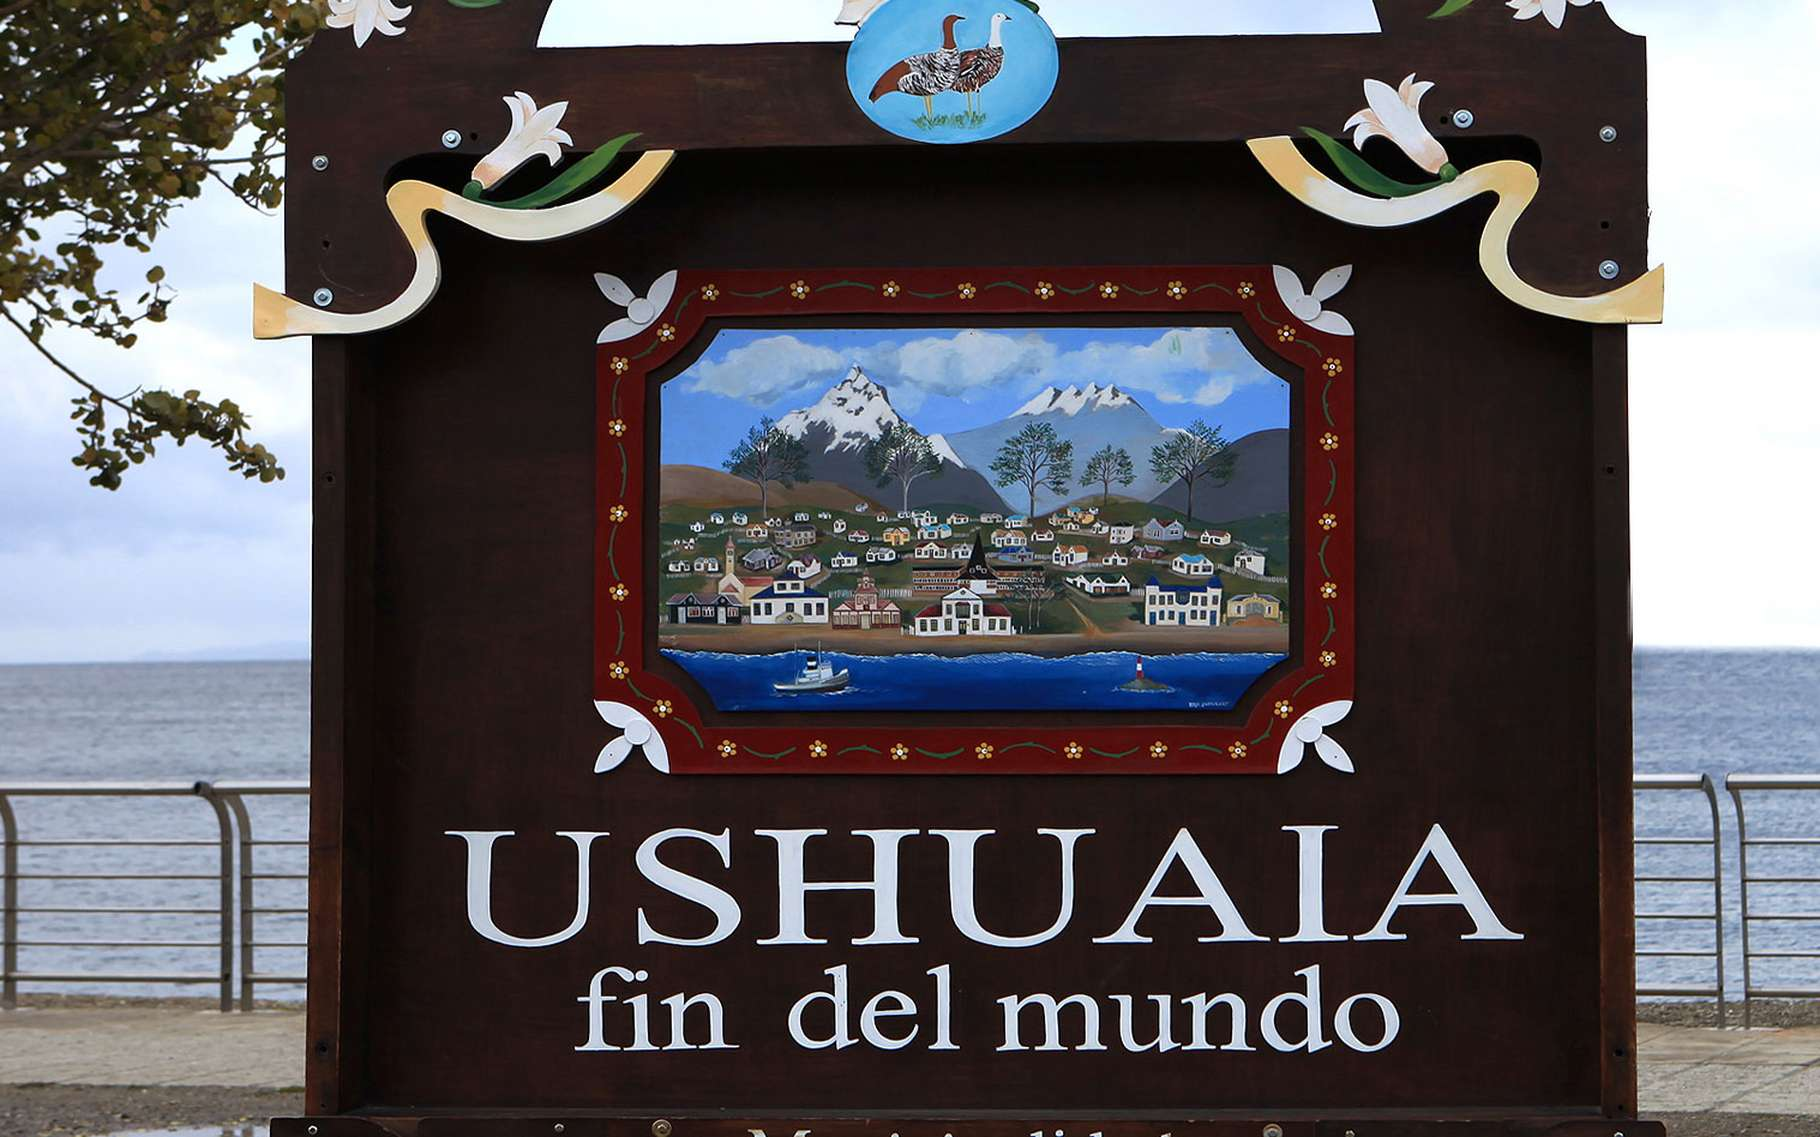 Ushuaïa (Argentine), c'est une ville de légende. «El fin del mundo». Son nom à lui seul suffit à susciter le rêve, à enflammer les imaginations. Mais aujourd'hui, la ville la plus australe du monde n'est plus si inaccessible. Elle accueille tous les ans, en Terre de Feu, de nombreux touristes attirés par les activités qu'elle propose, mais surtout par ses alentours sauvages et exotiques.Un patchwork de maisons dépareillées et colorées, en bois et en tôle. Mais surtout, une nature harmonieuse où les montagnes flirtent avec les eaux et où s'épanouit une faune, pour l'heure encore, maîtresse des lieux. © Julie Laurent, Flickr, CC by-nc 2.0